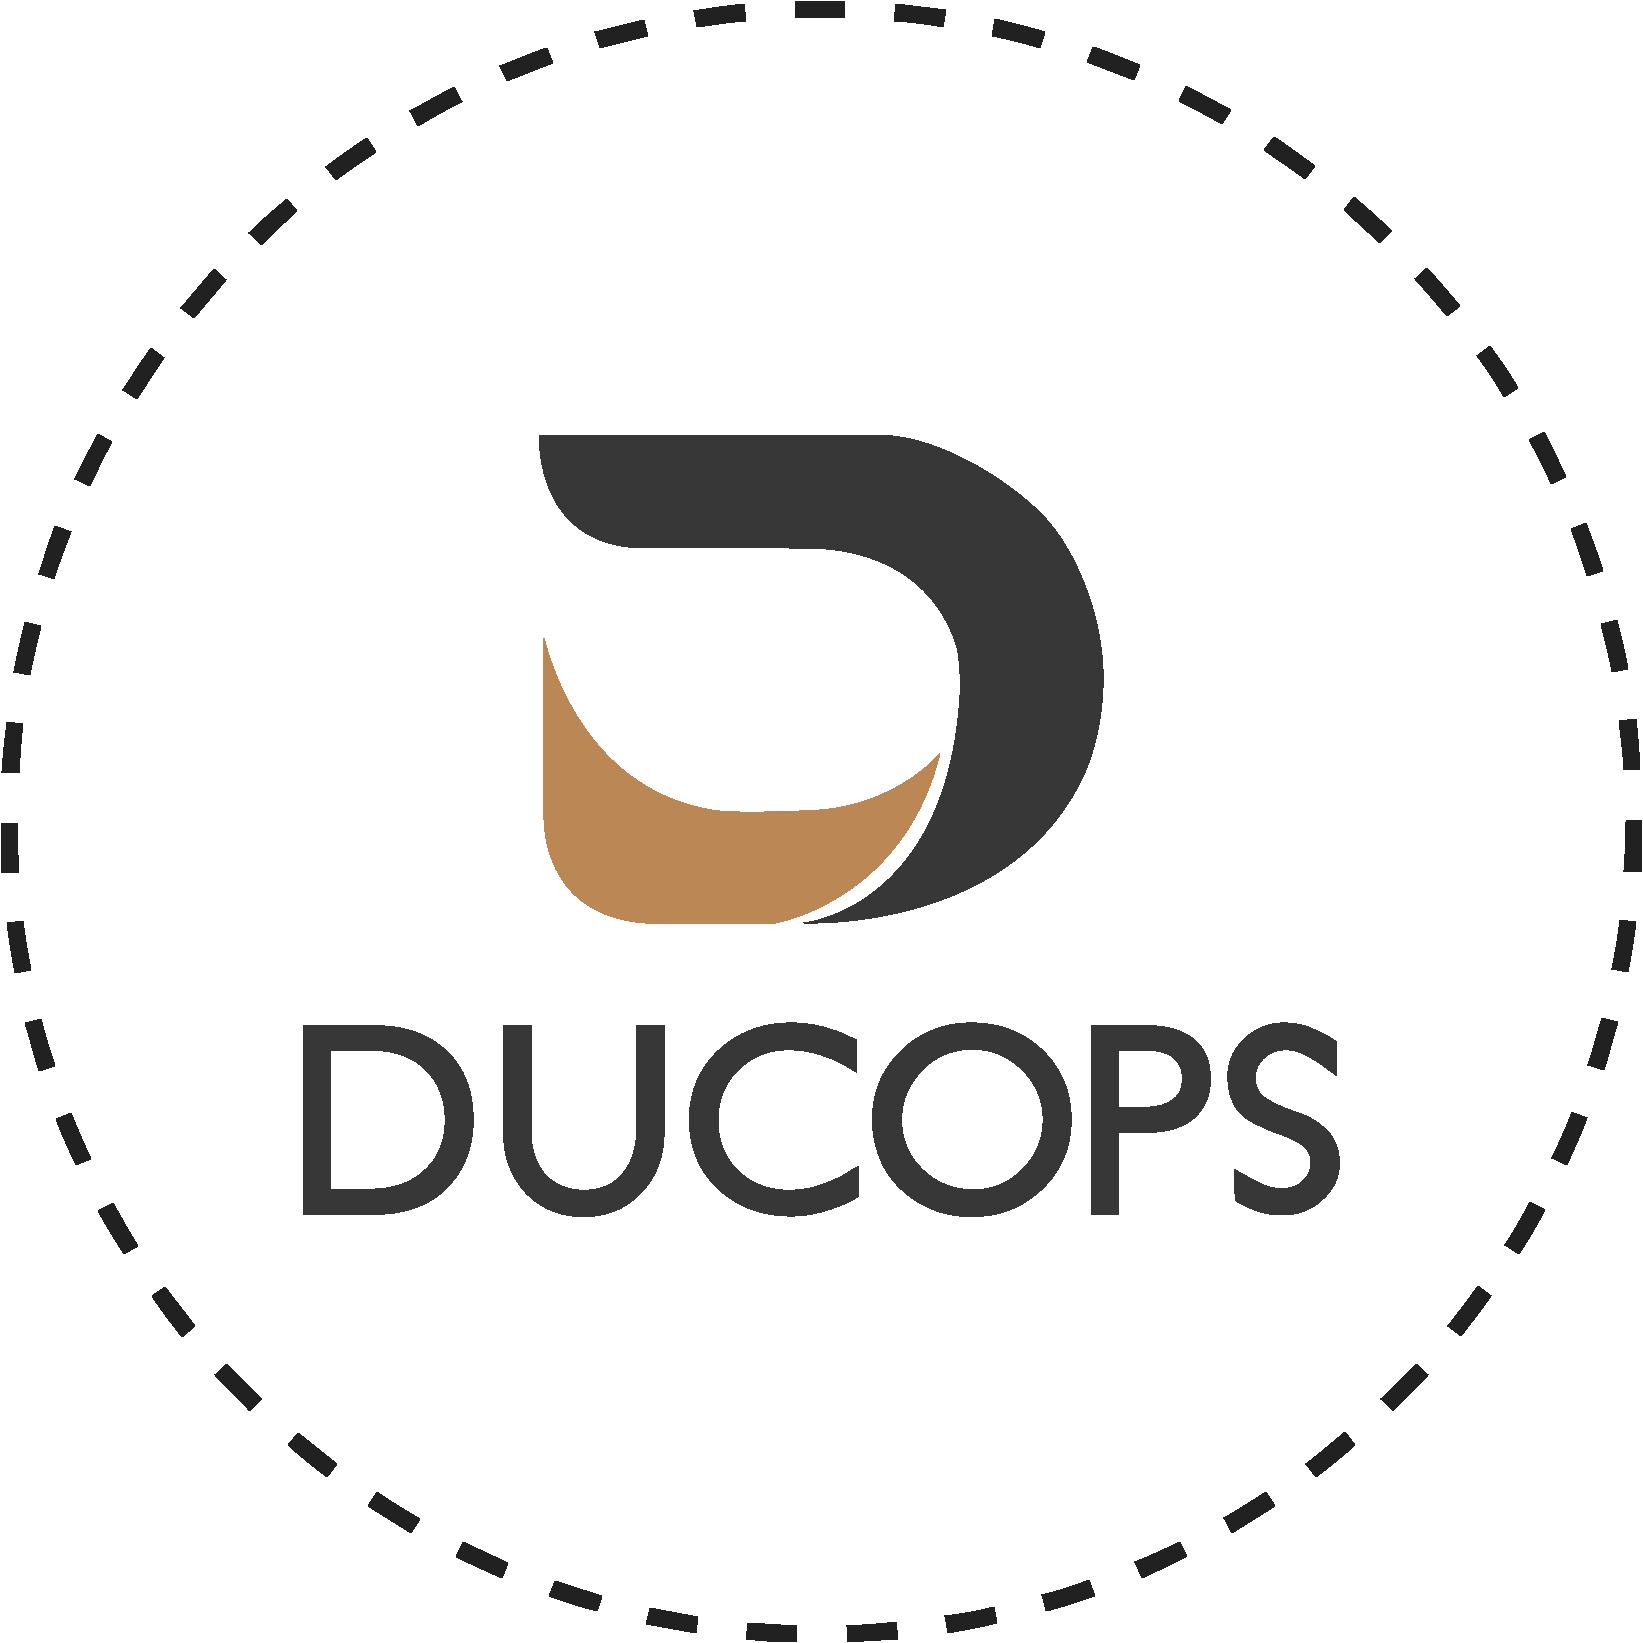 ducops-service-logo-marrone